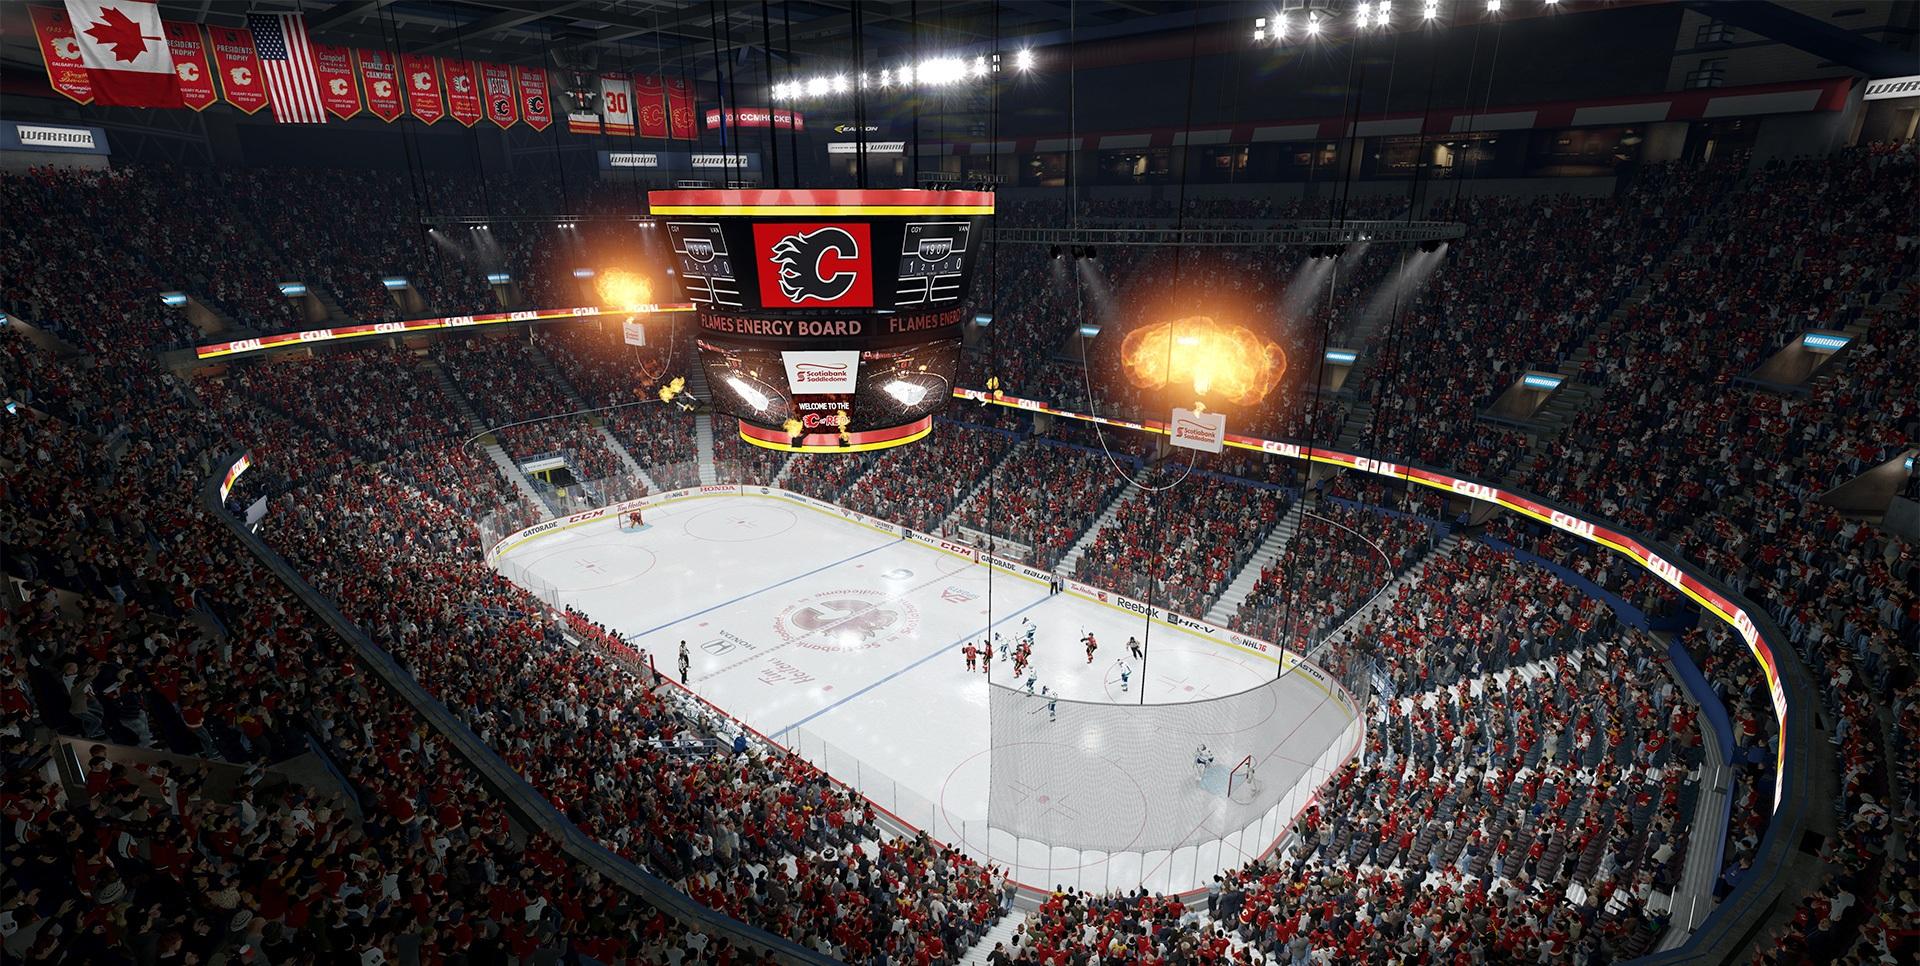 Хоккейный симулятор NHL 16: удовлетворят ли поклонников внесённые в игру изменения?